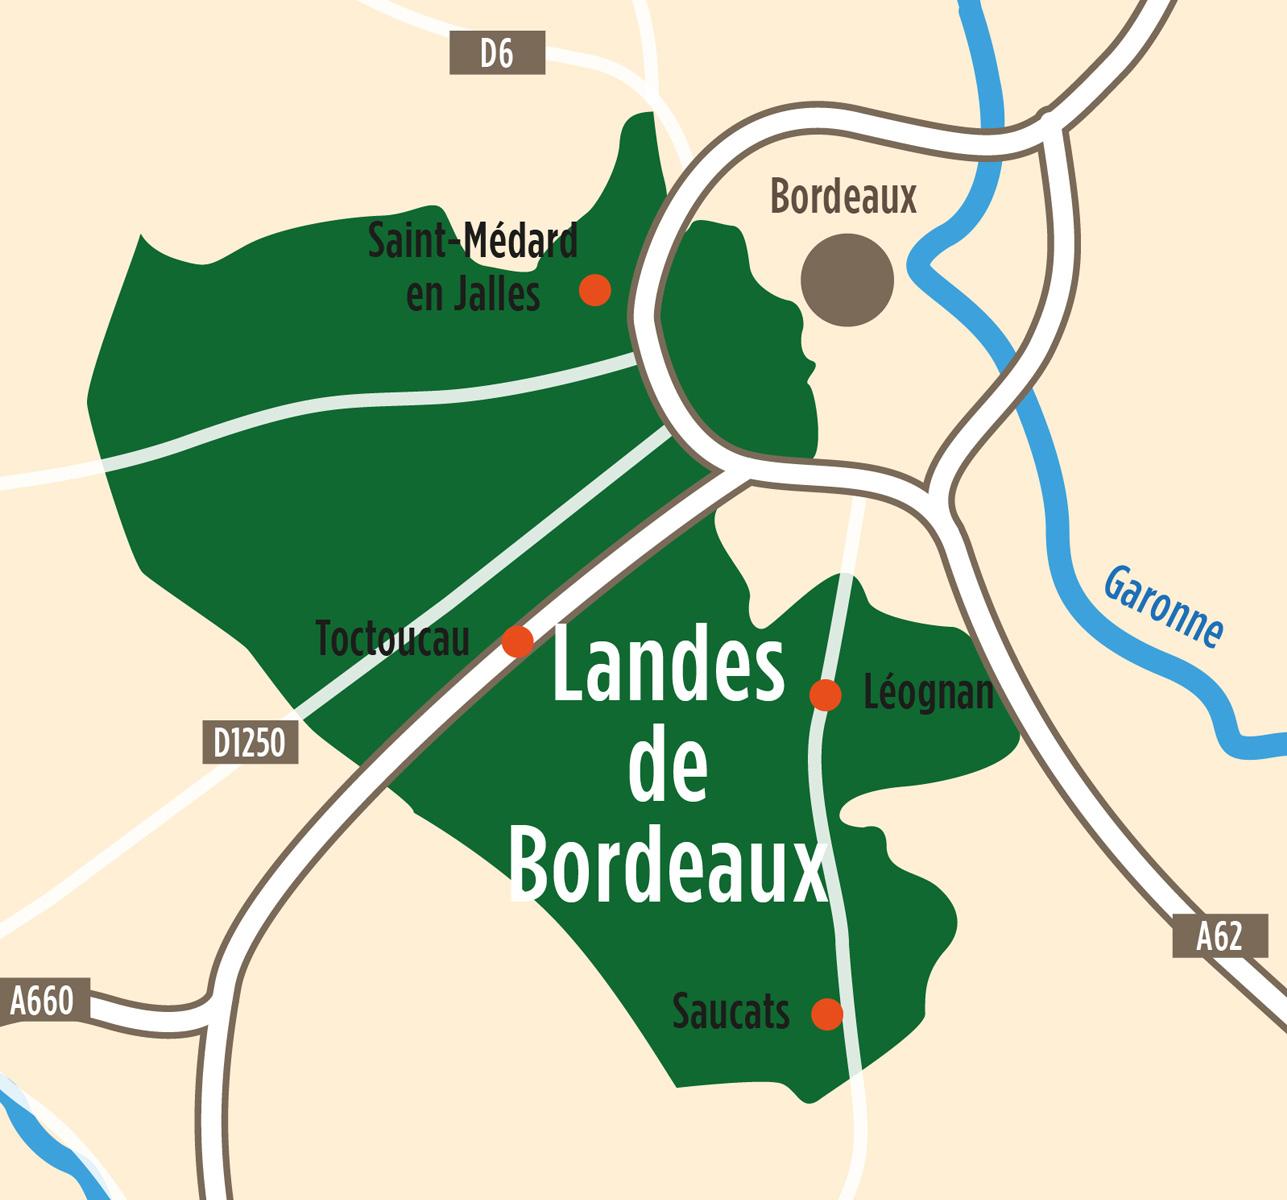 Landes de Bordeaux